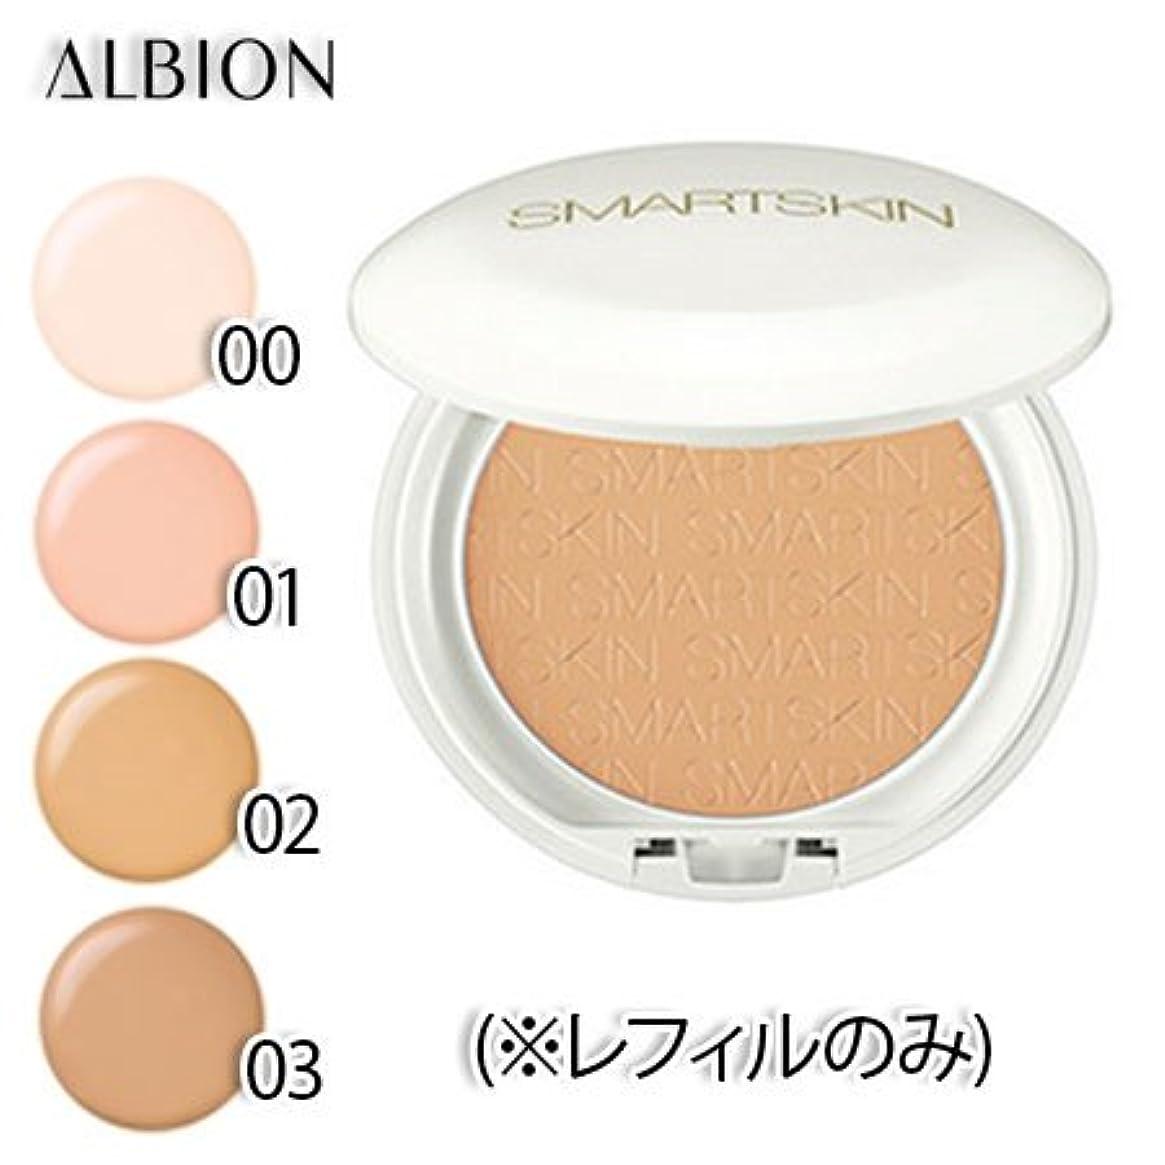 作成する軽く声を出してアルビオン スマートスキン ホワイトレア 全4色 (レフィルのみ) SPF40 PA++++ 10g -ALBION- 03